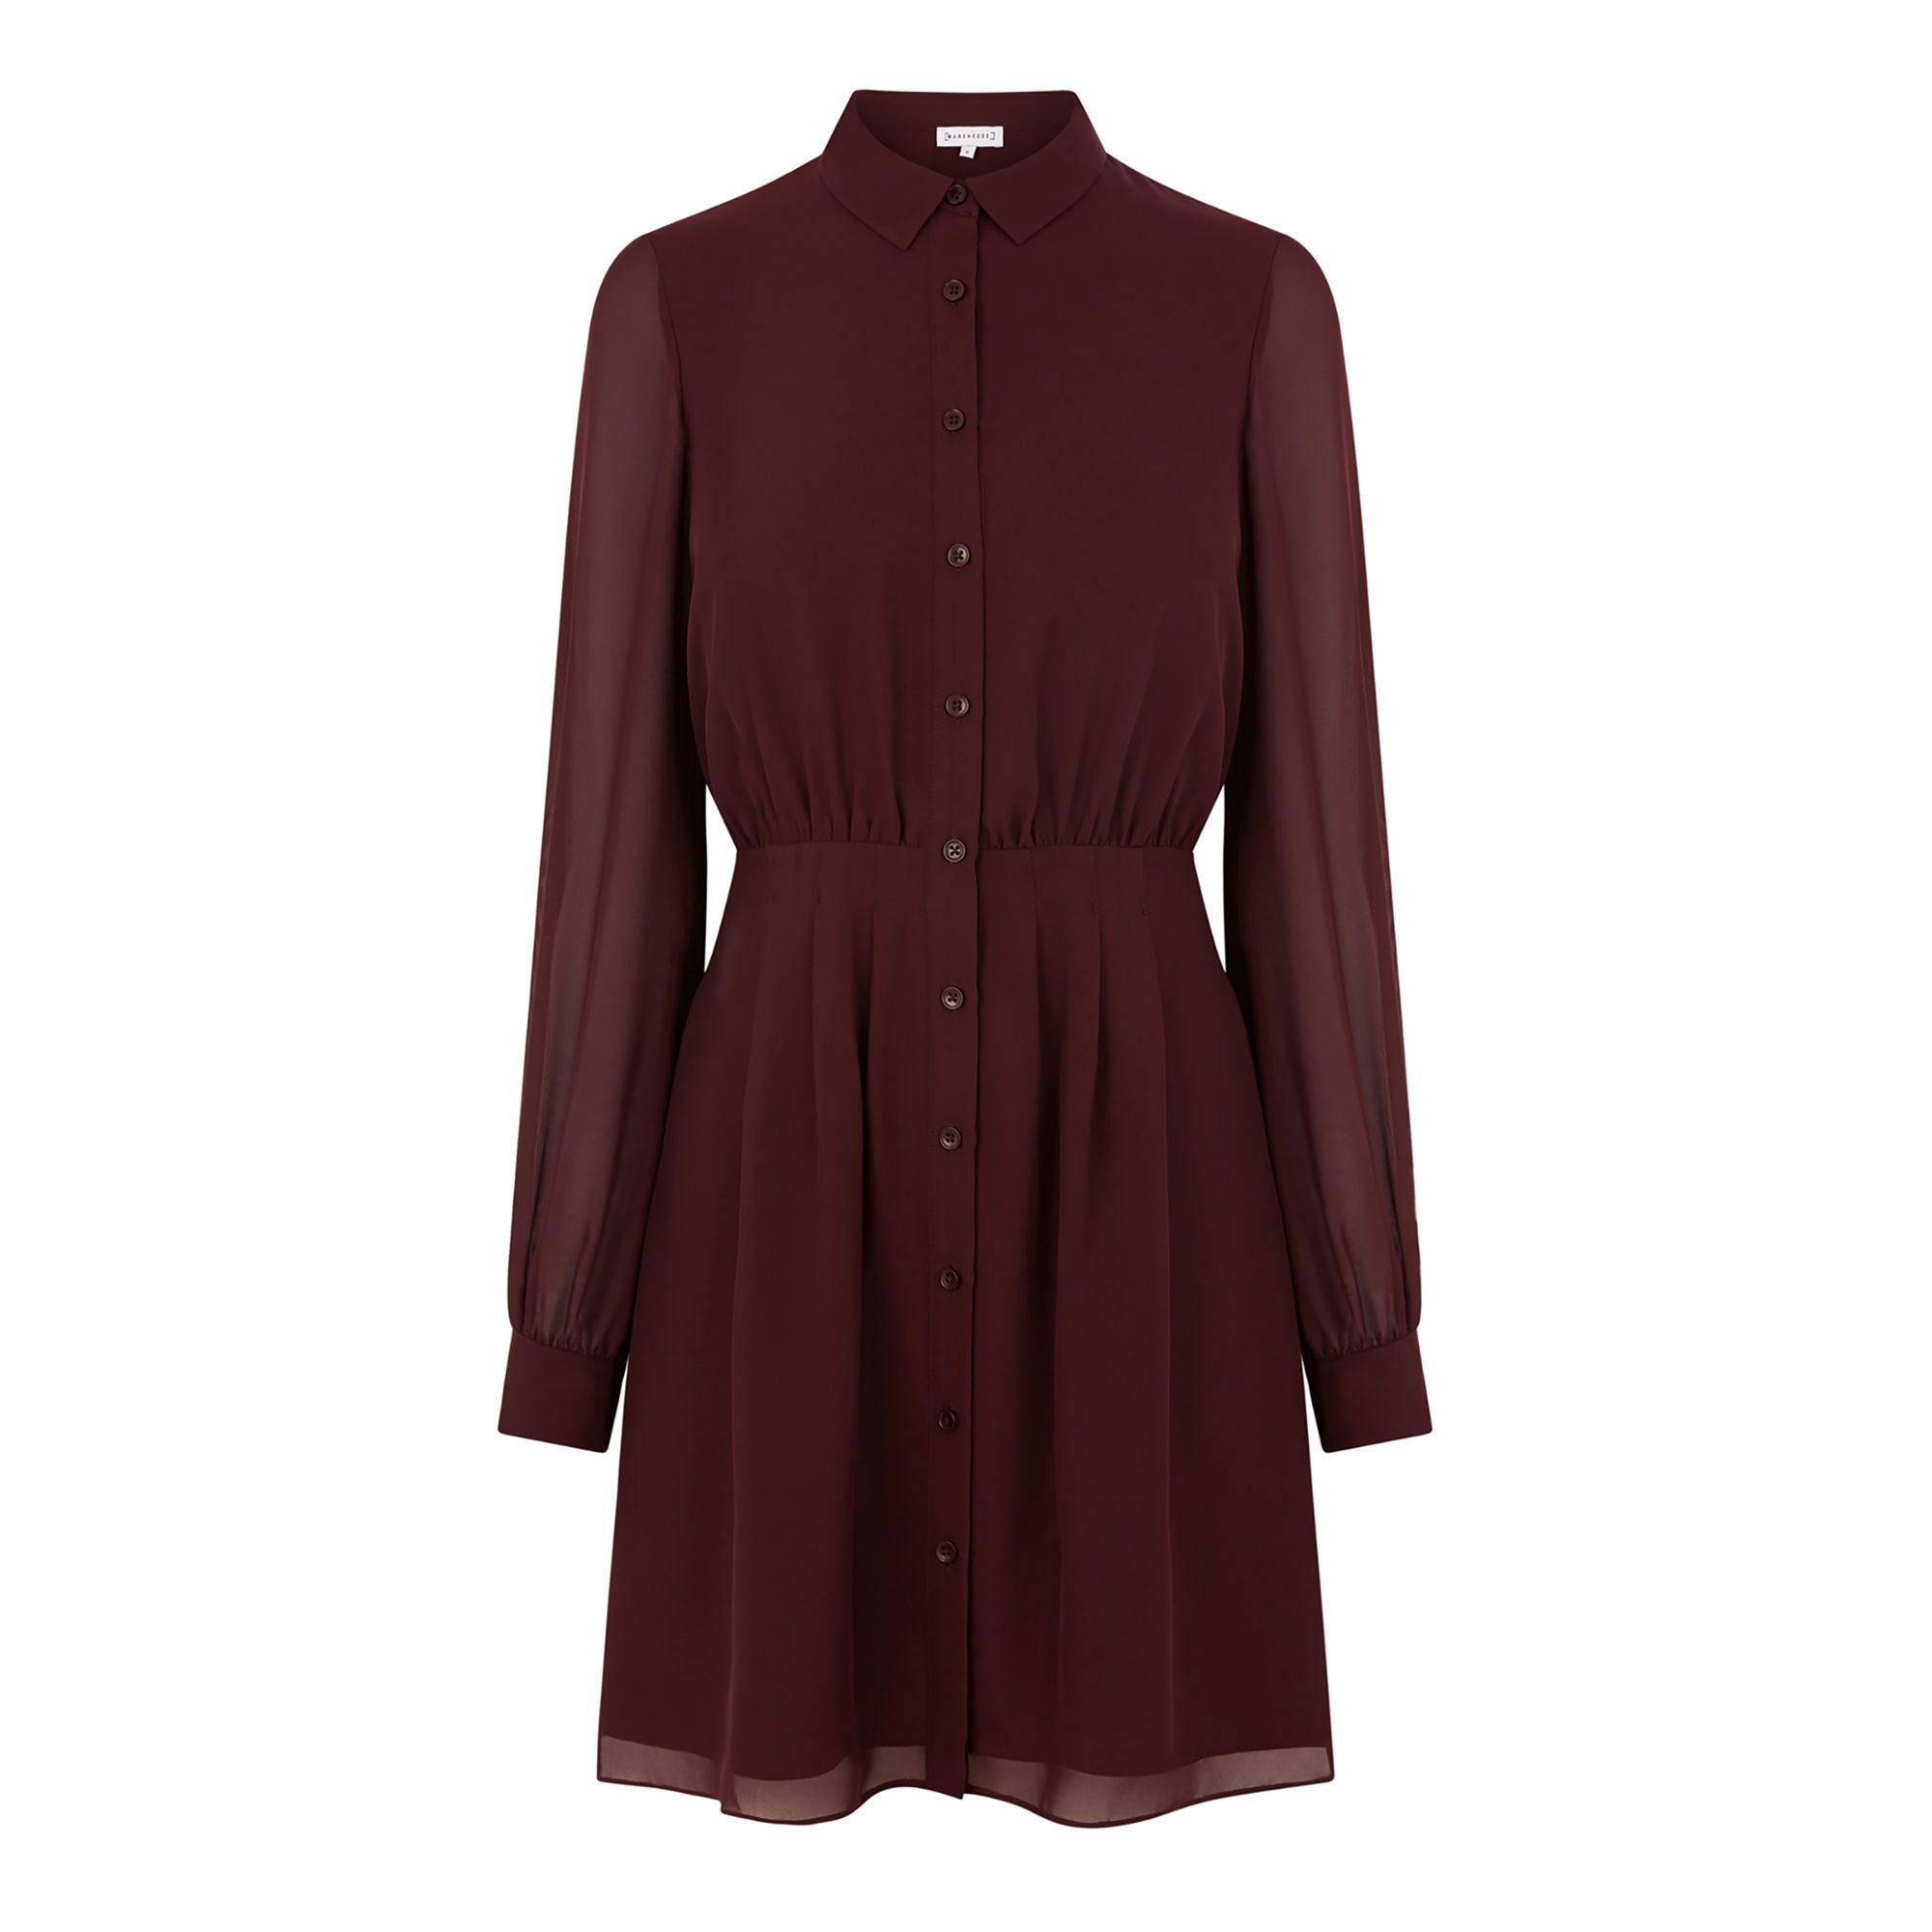 5b9d0a5336e3 Chiffon pintuck shirt dress in 2019 | beauty | Shirt Dress, Dresses ...